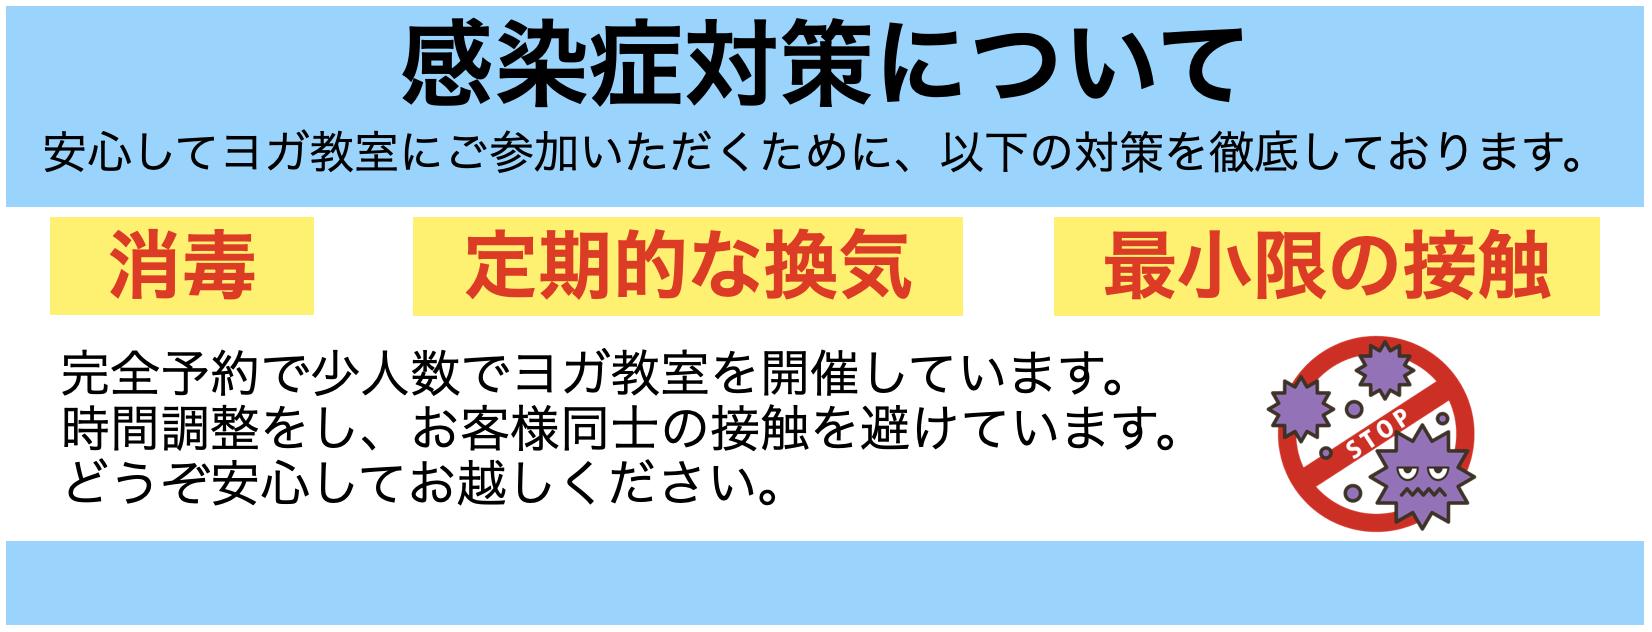 【ヨガ】感染症対策